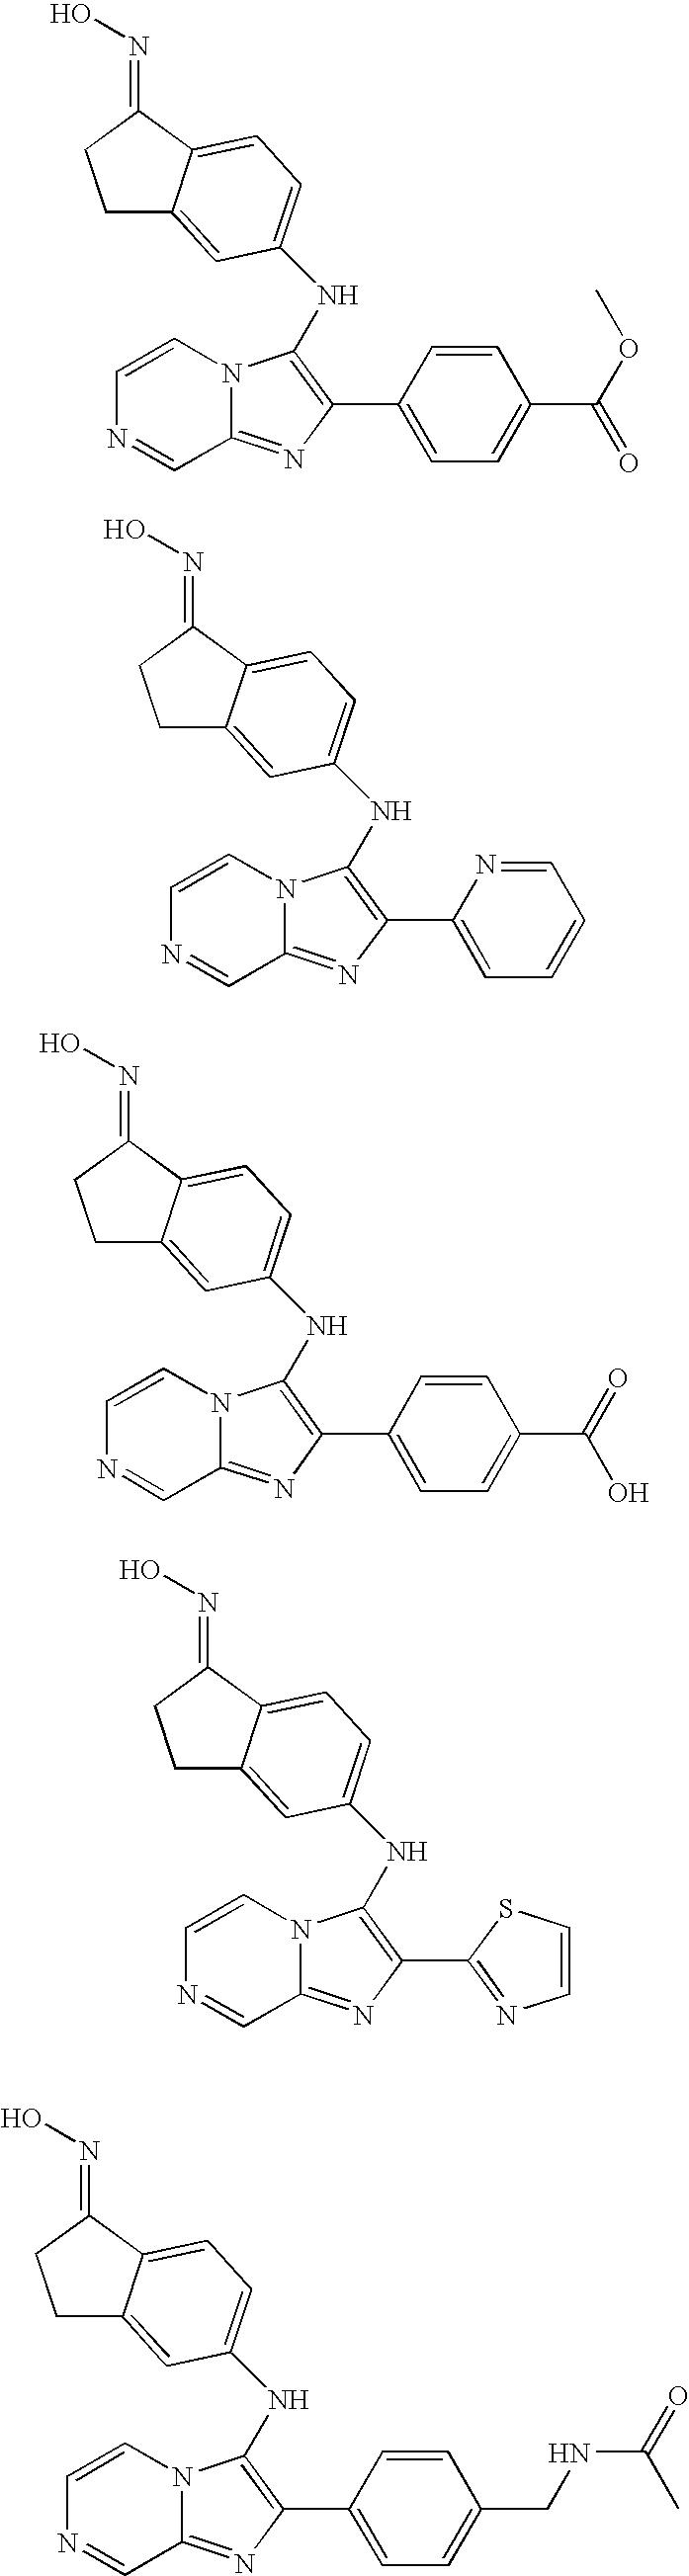 Figure US07566716-20090728-C00142